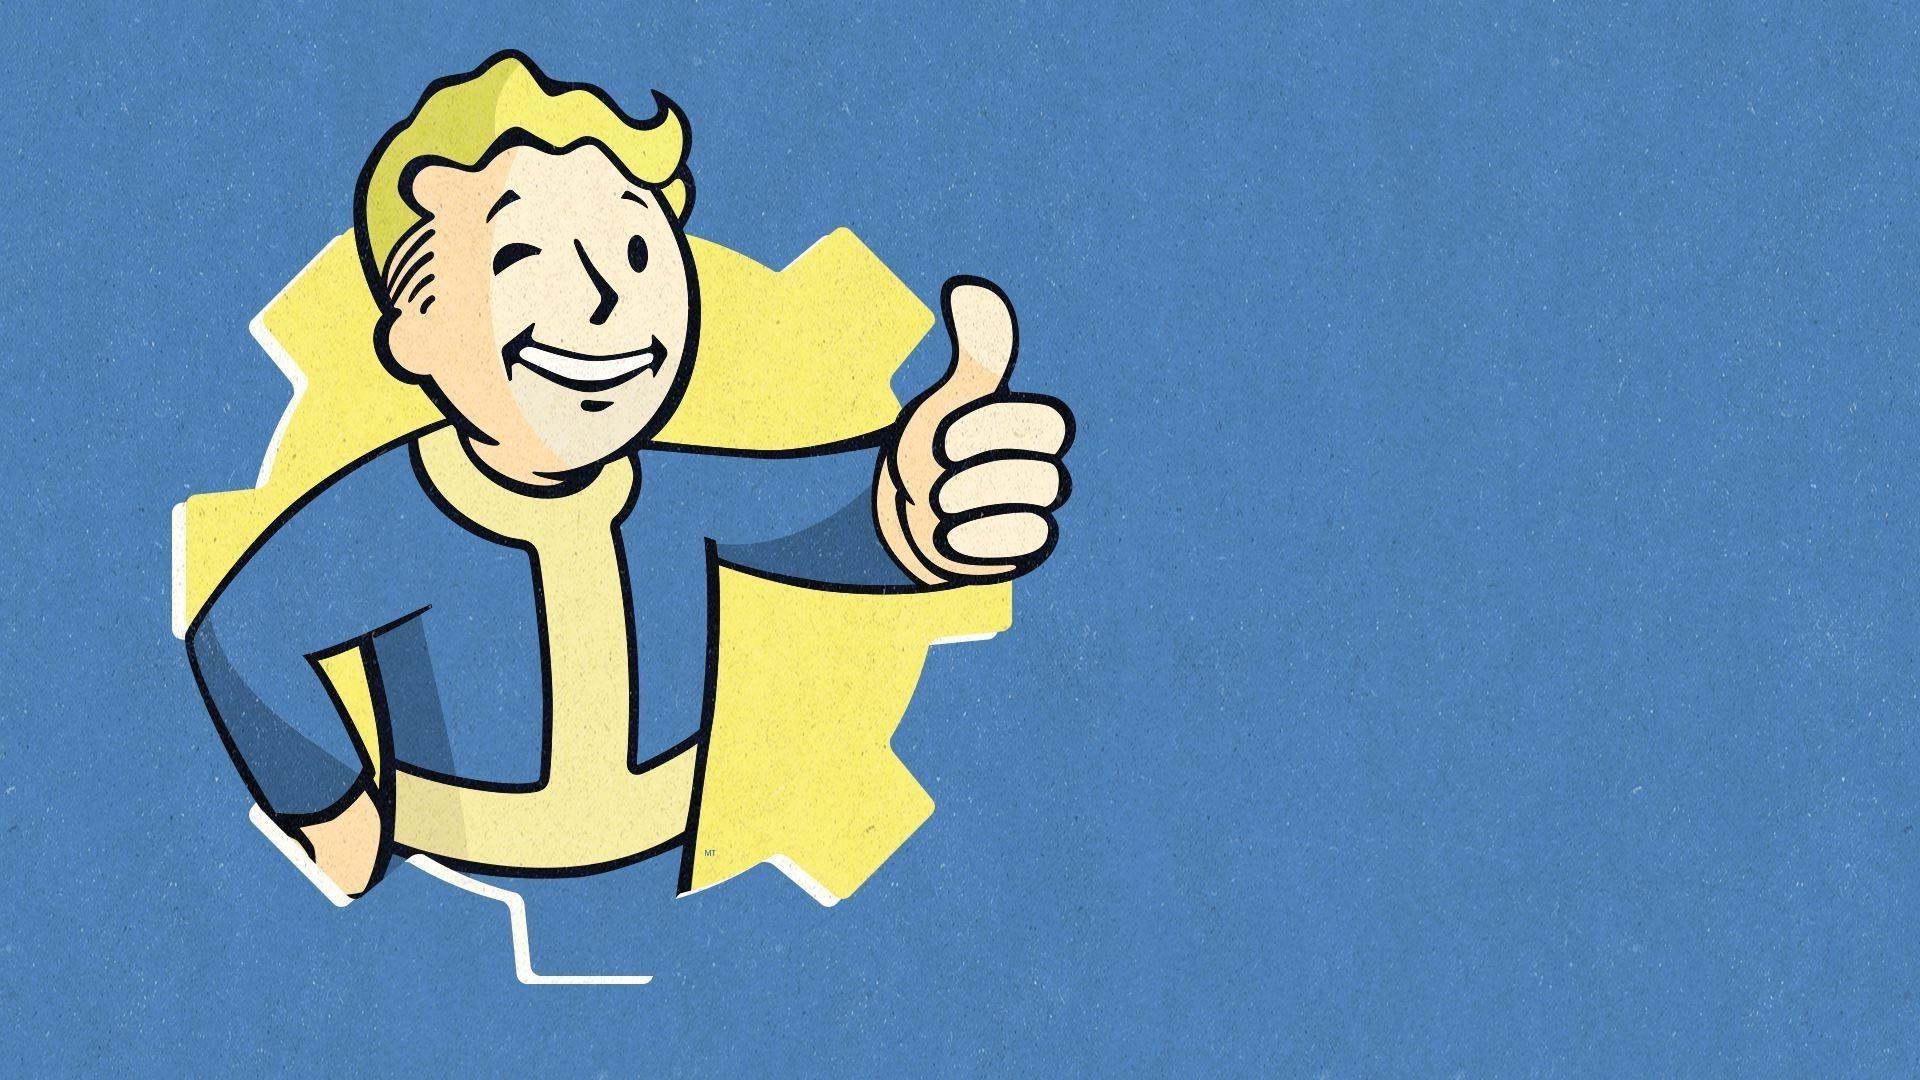 Fallout 4 Vault Boy Wallpaper Fallout 4 Vault Boy 53565 Hd